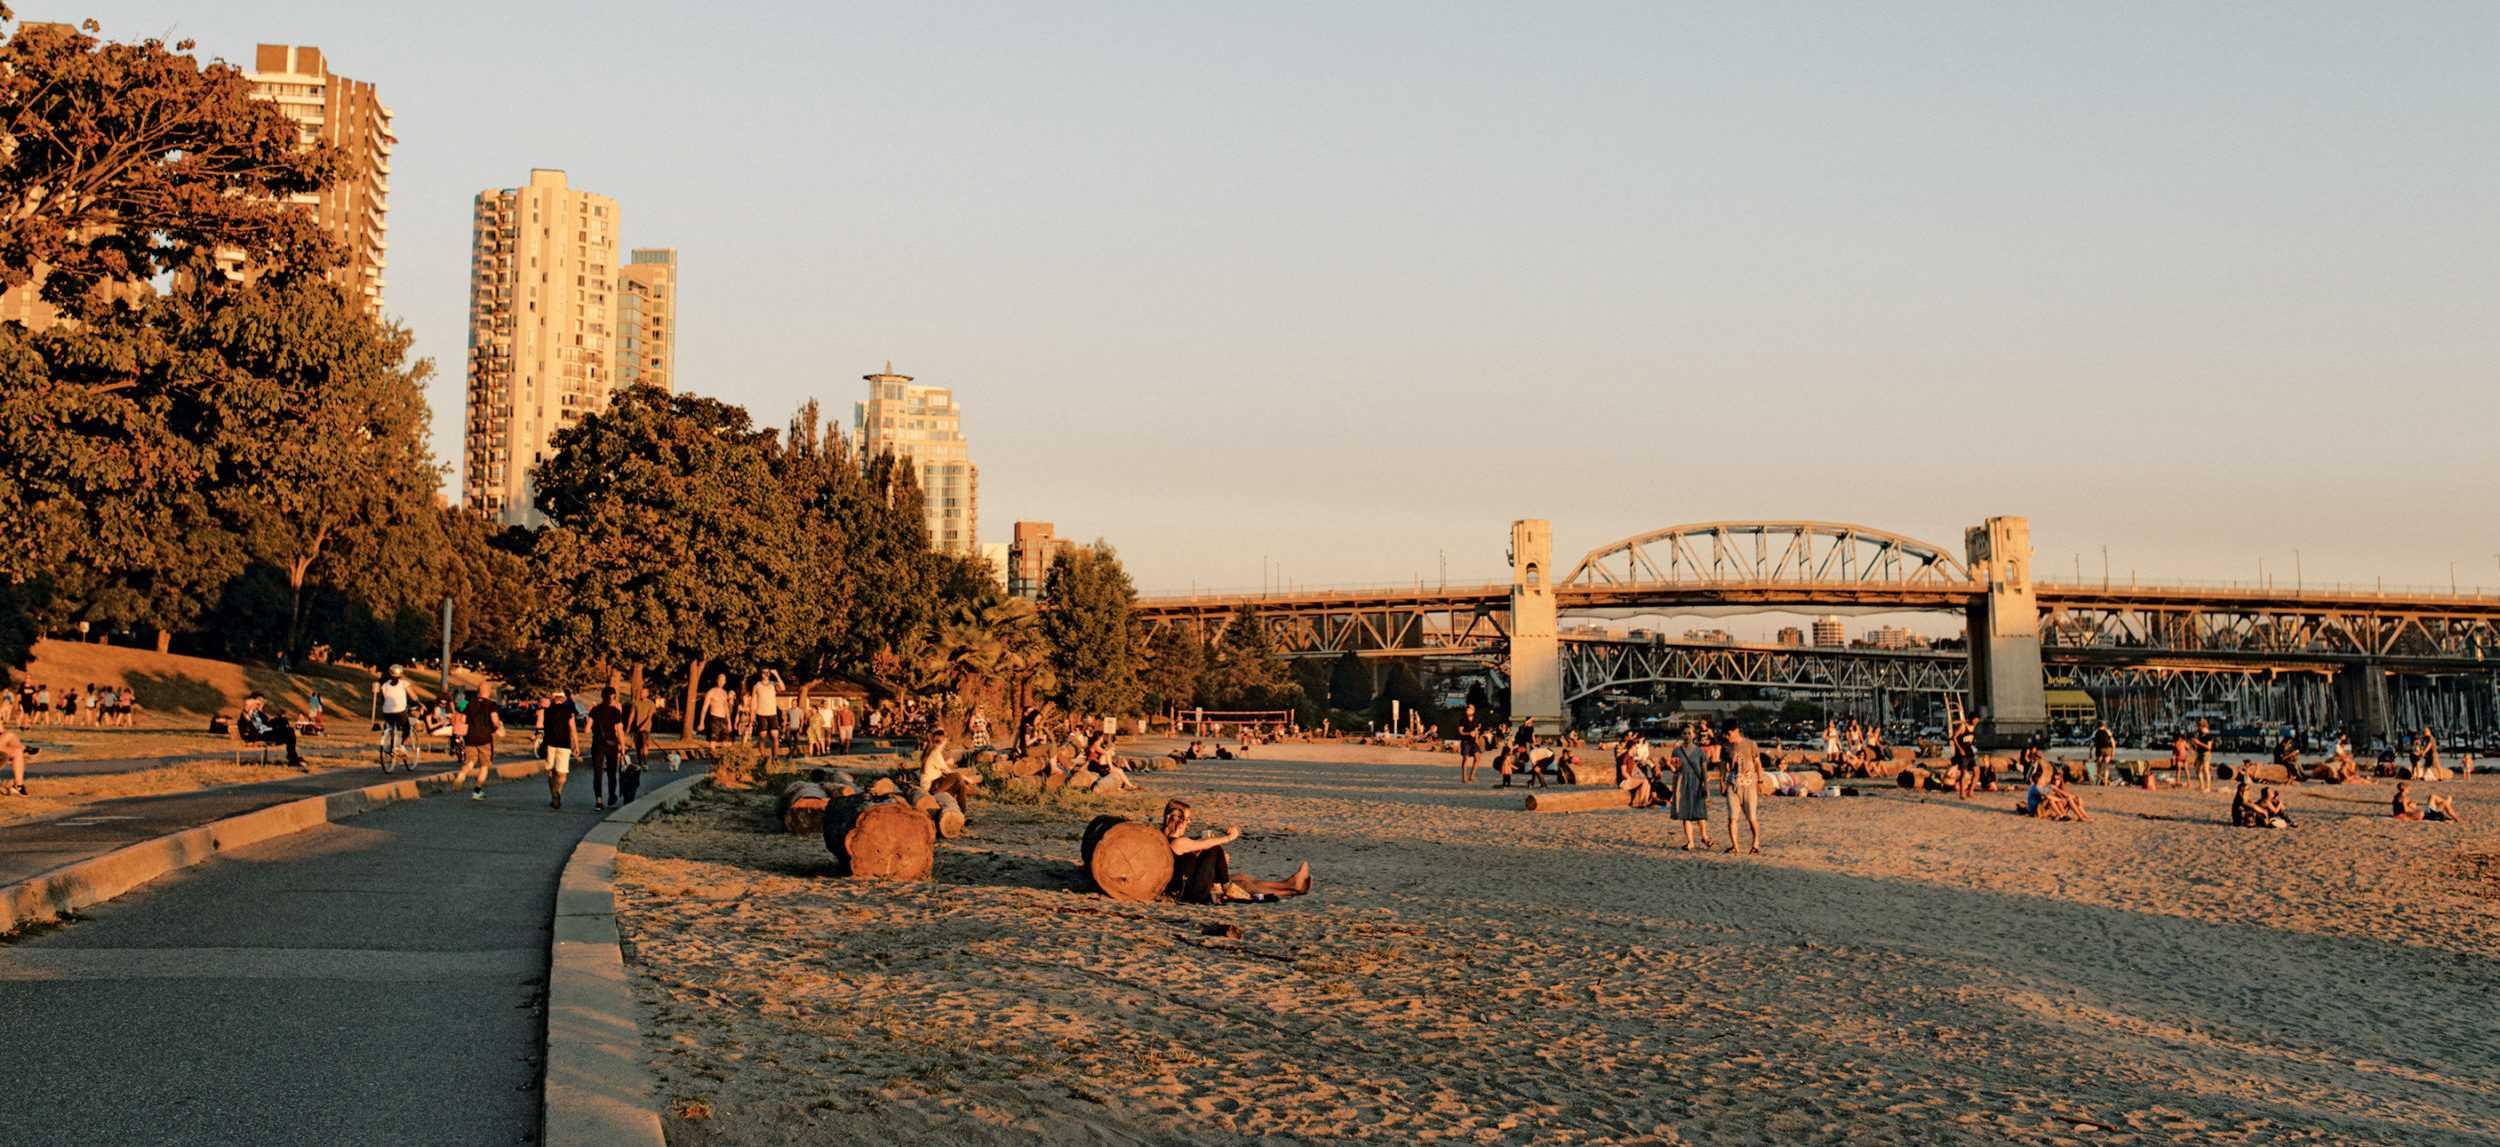 sunset_beach_ten_minutes2500x1666.jpg!